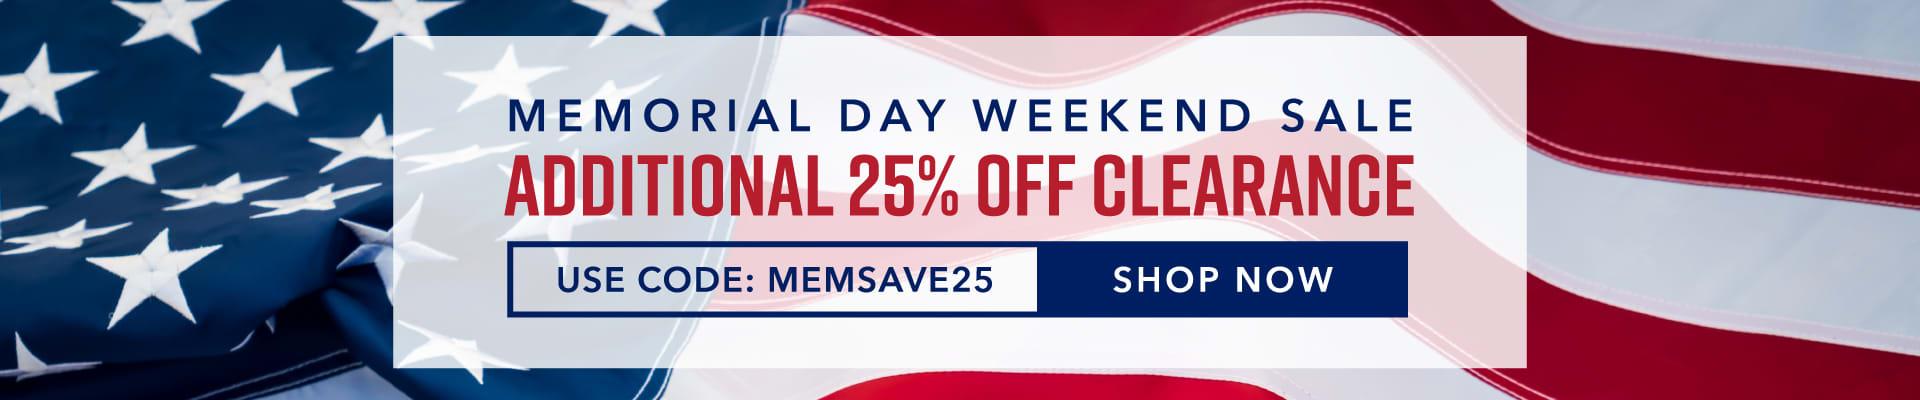 Memorial Day Weekend Sale